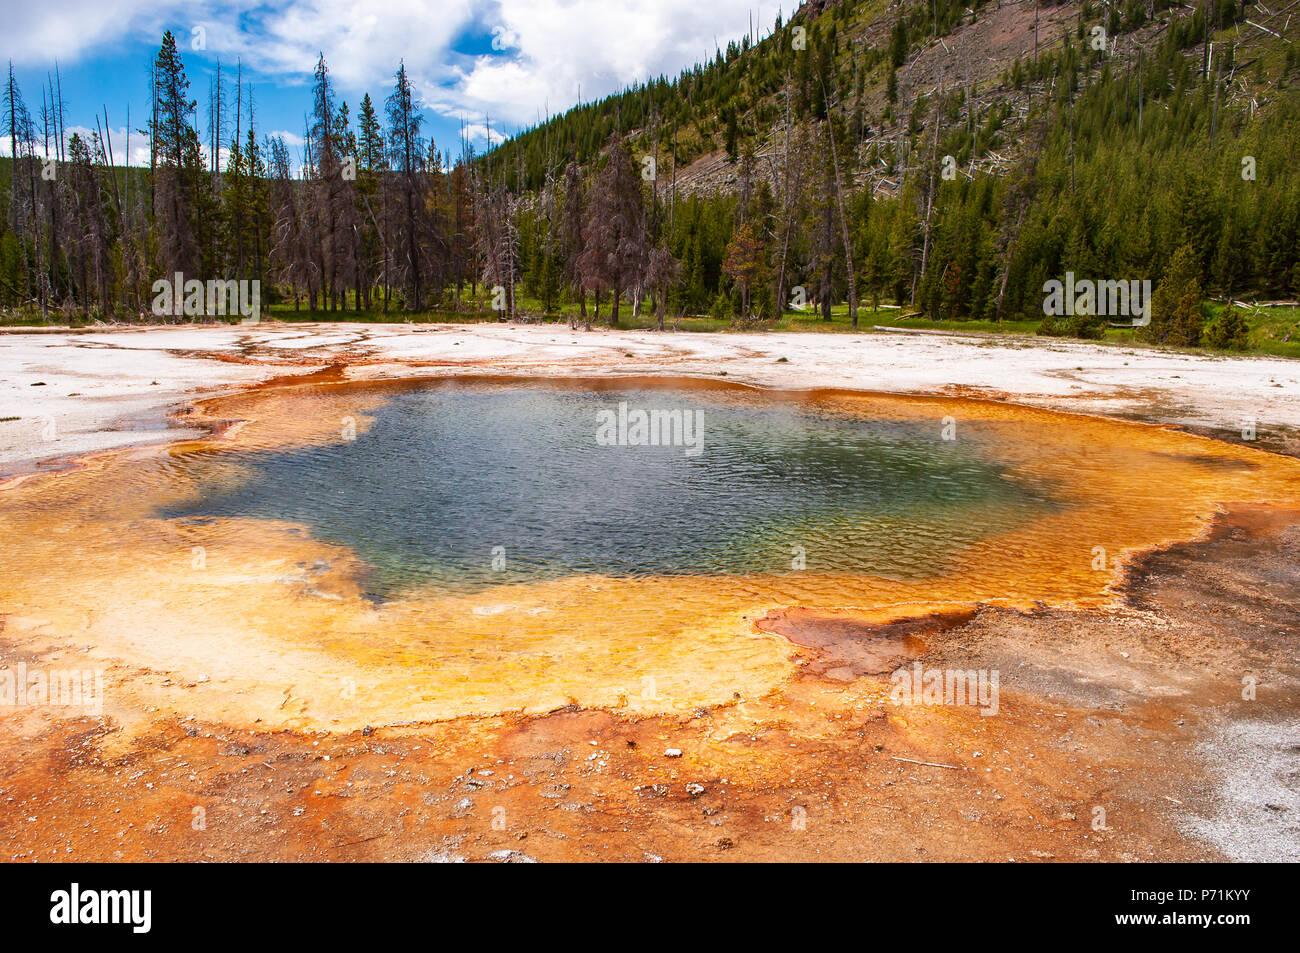 Piscina termal caliente en el Parque Nacional de Yellowstone. Imagen De Stock